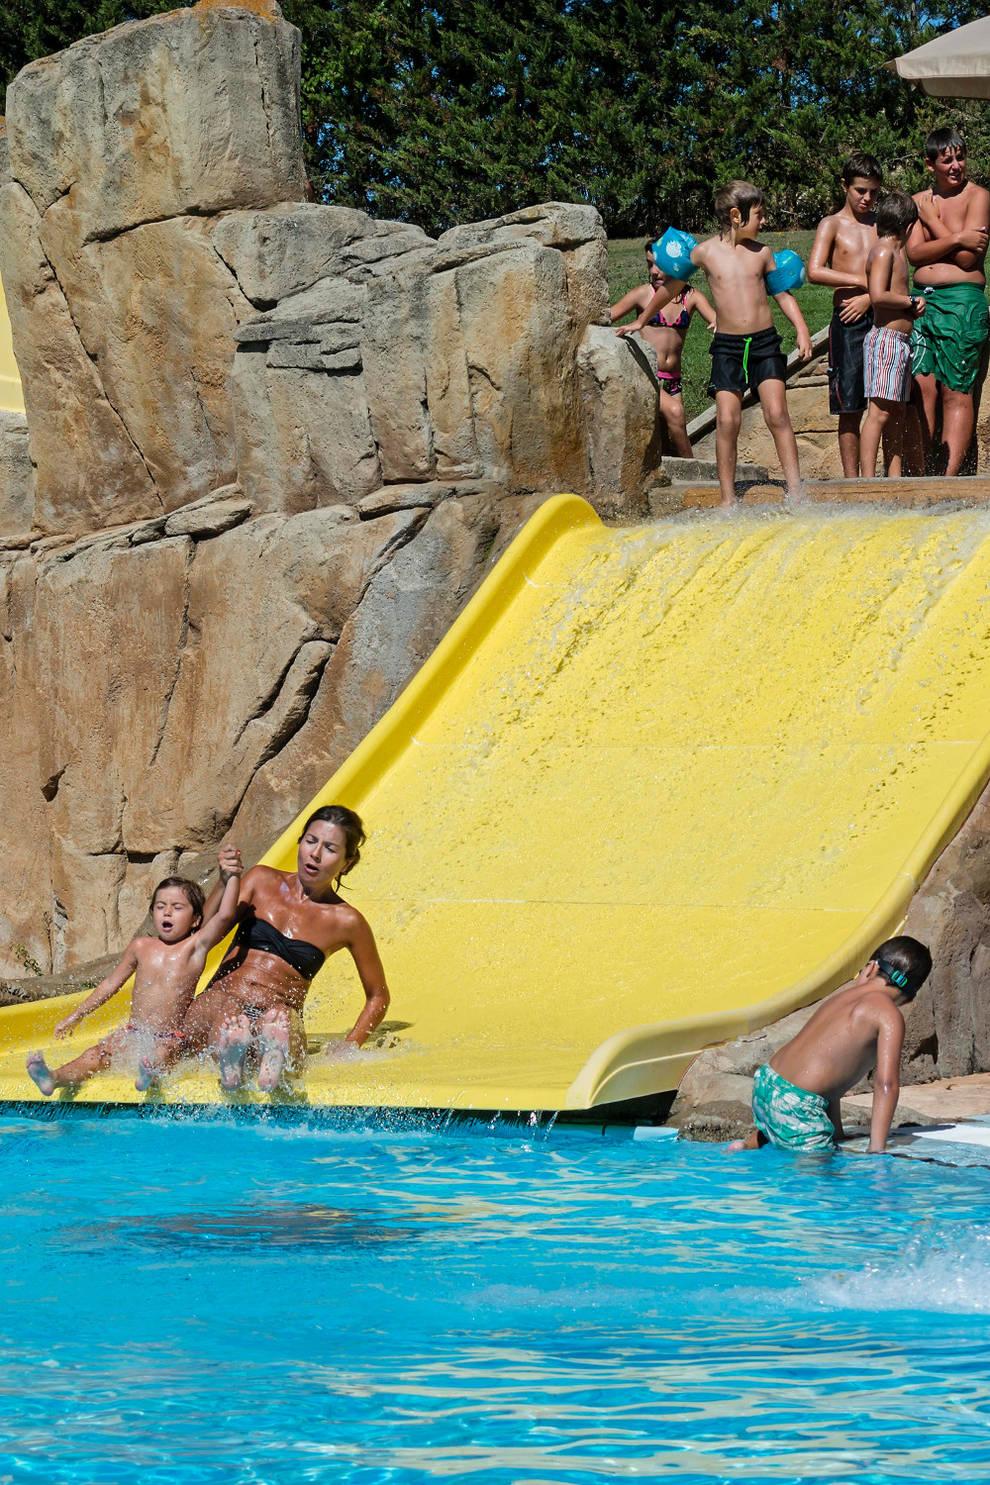 Verano las piscinas apuran a pleno sol una dilatada for Piscinas viana